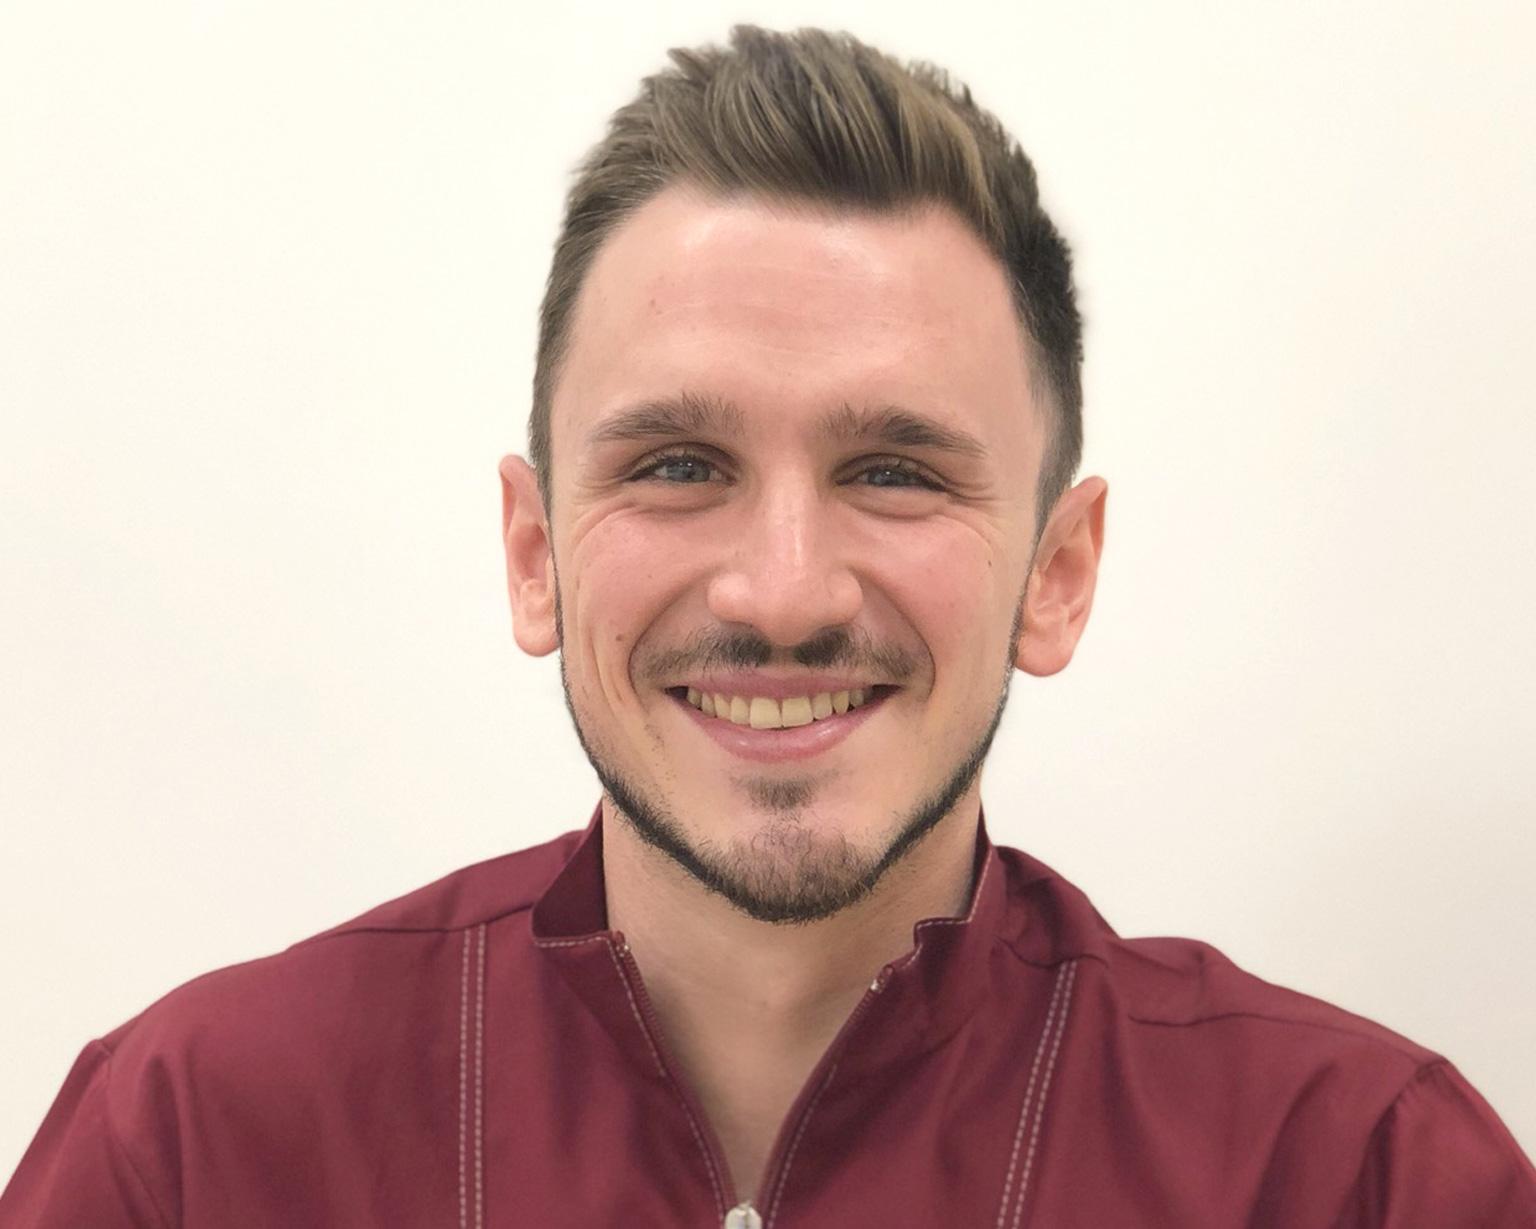 Paolo Riva